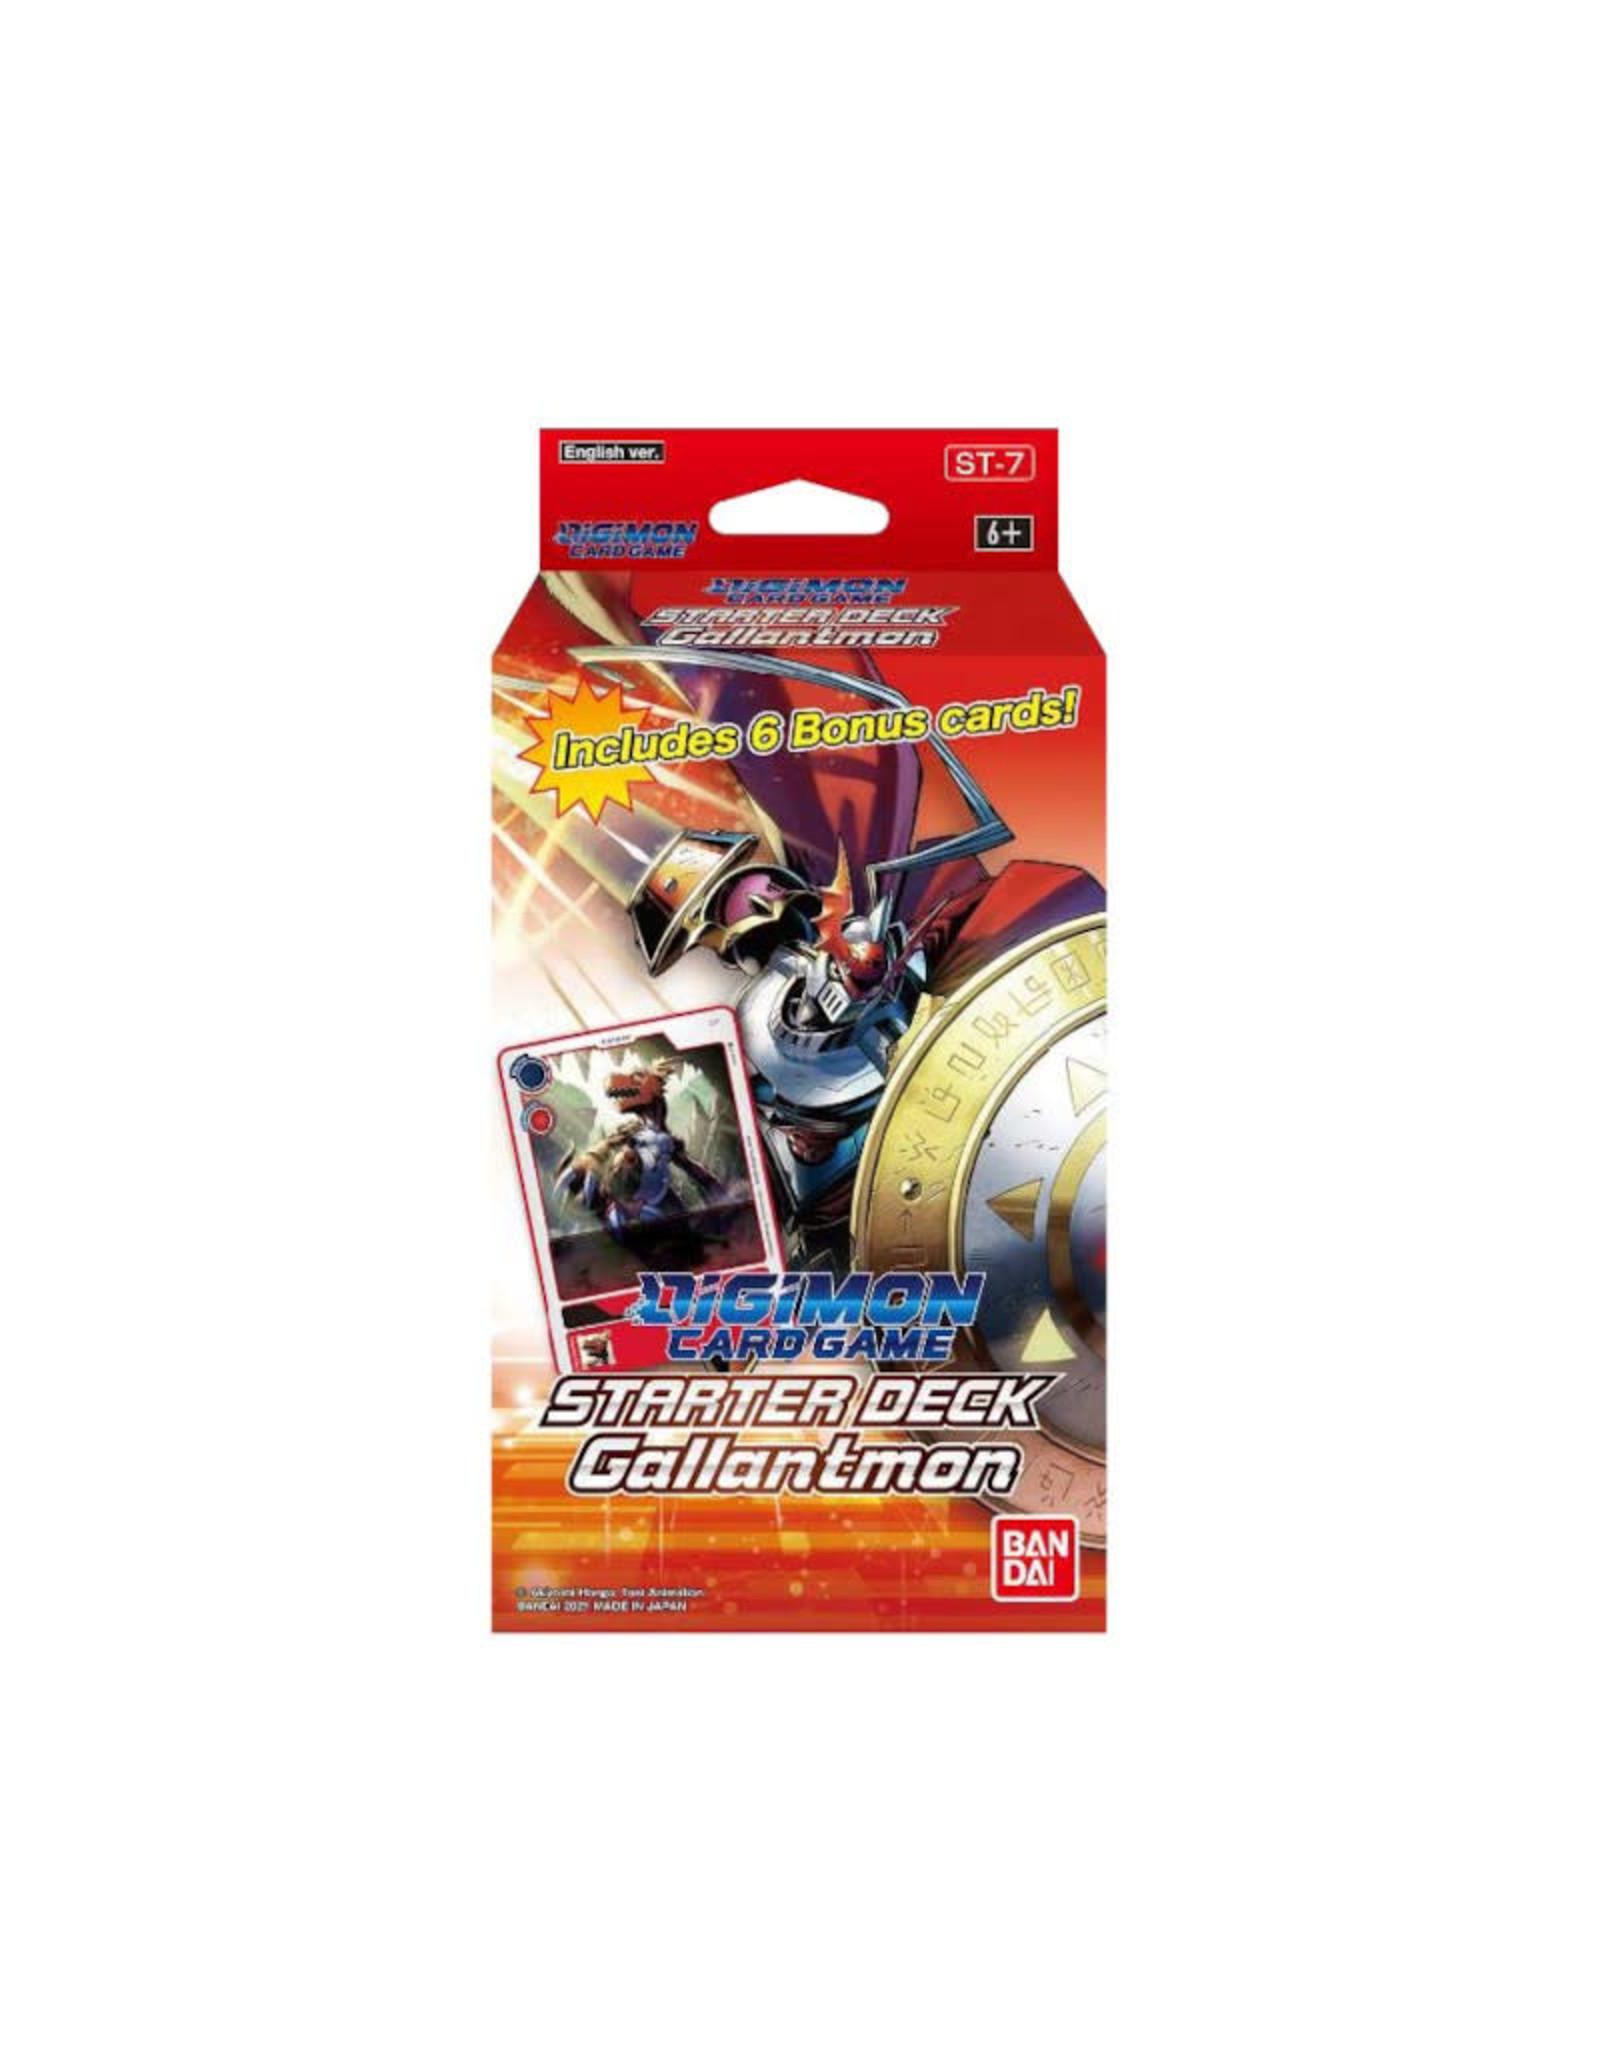 Miscellaneous Digimon Card Game Starter Deck Gallantmon (Pre-Order)